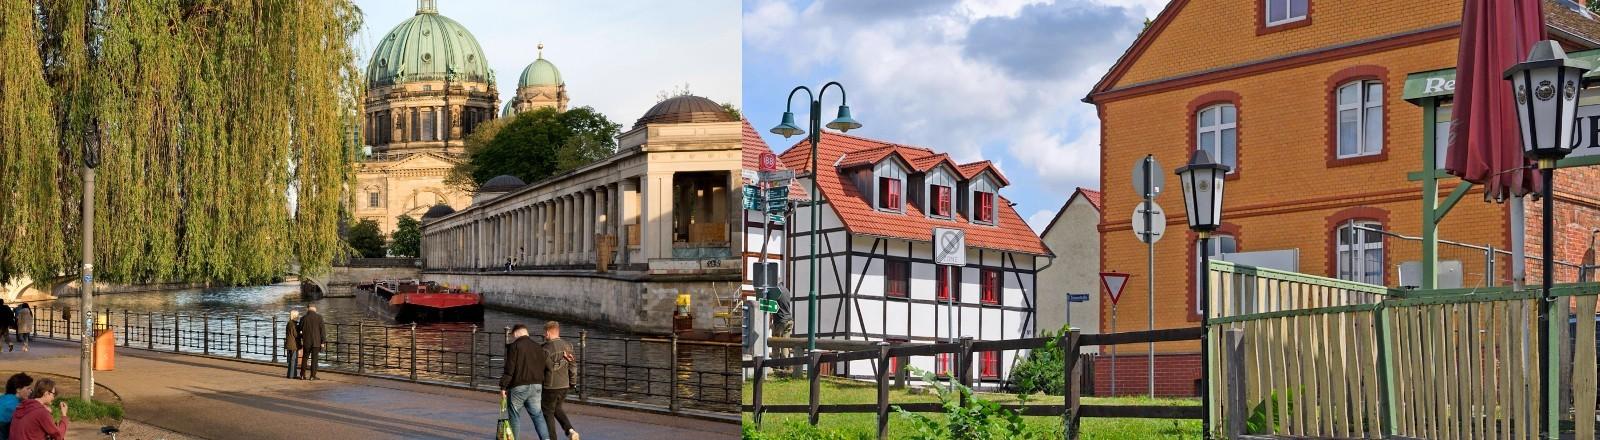 Eine Bildcollage aus einem Bild von der Spree in Berlin und einem Ort in Brandenburg